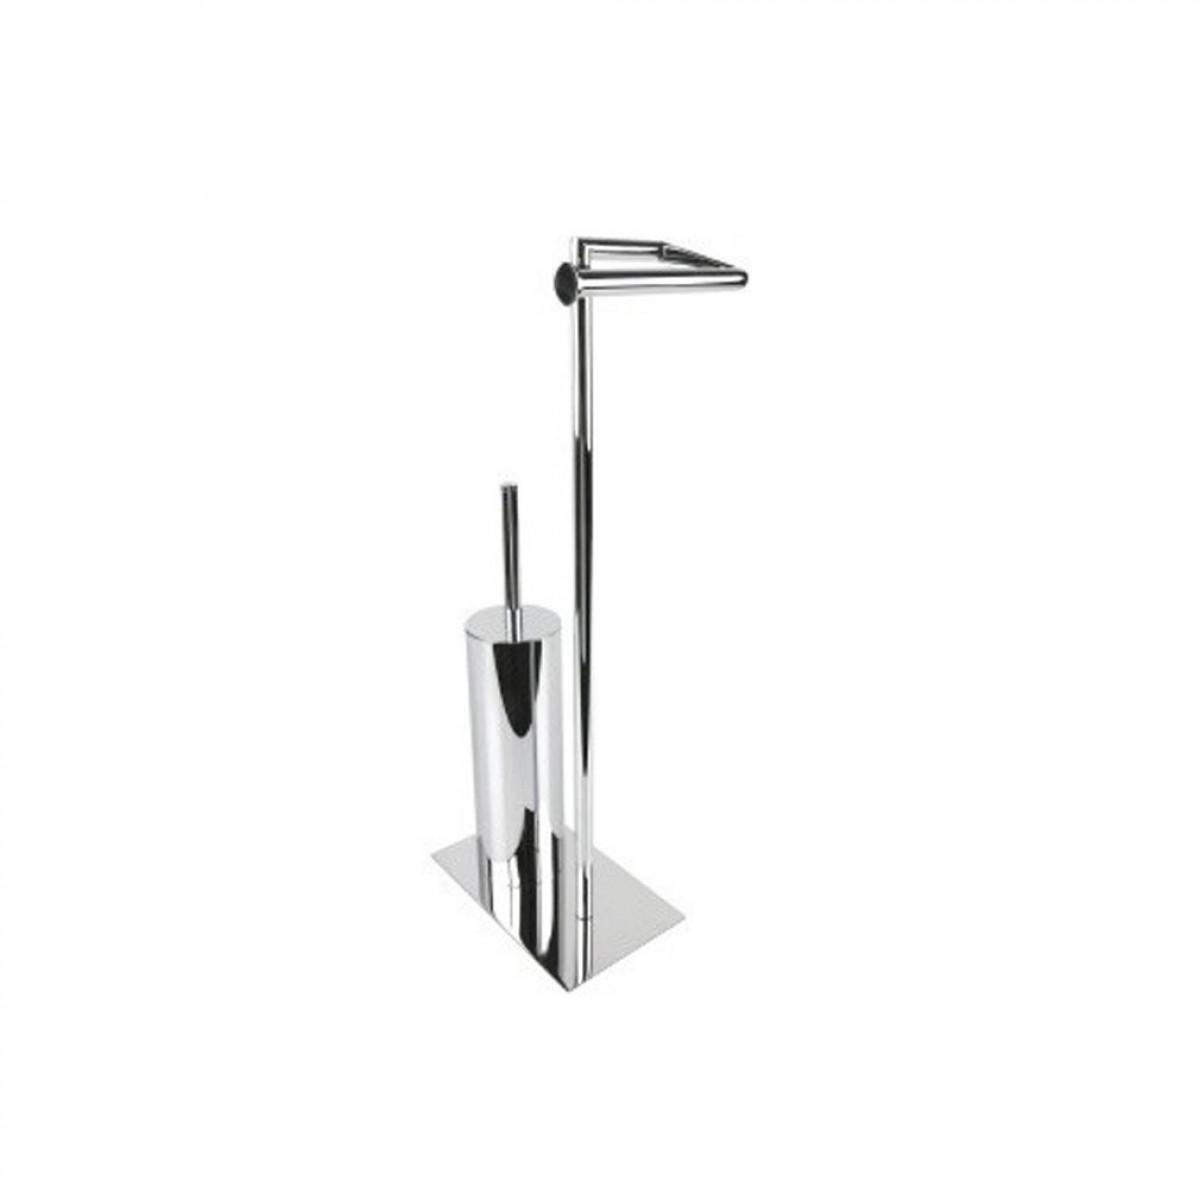 c73cbf2c3b74 zoom_Miller_classic_freestanding_toilet_roll_holder_and_brush_set_95347.jpg